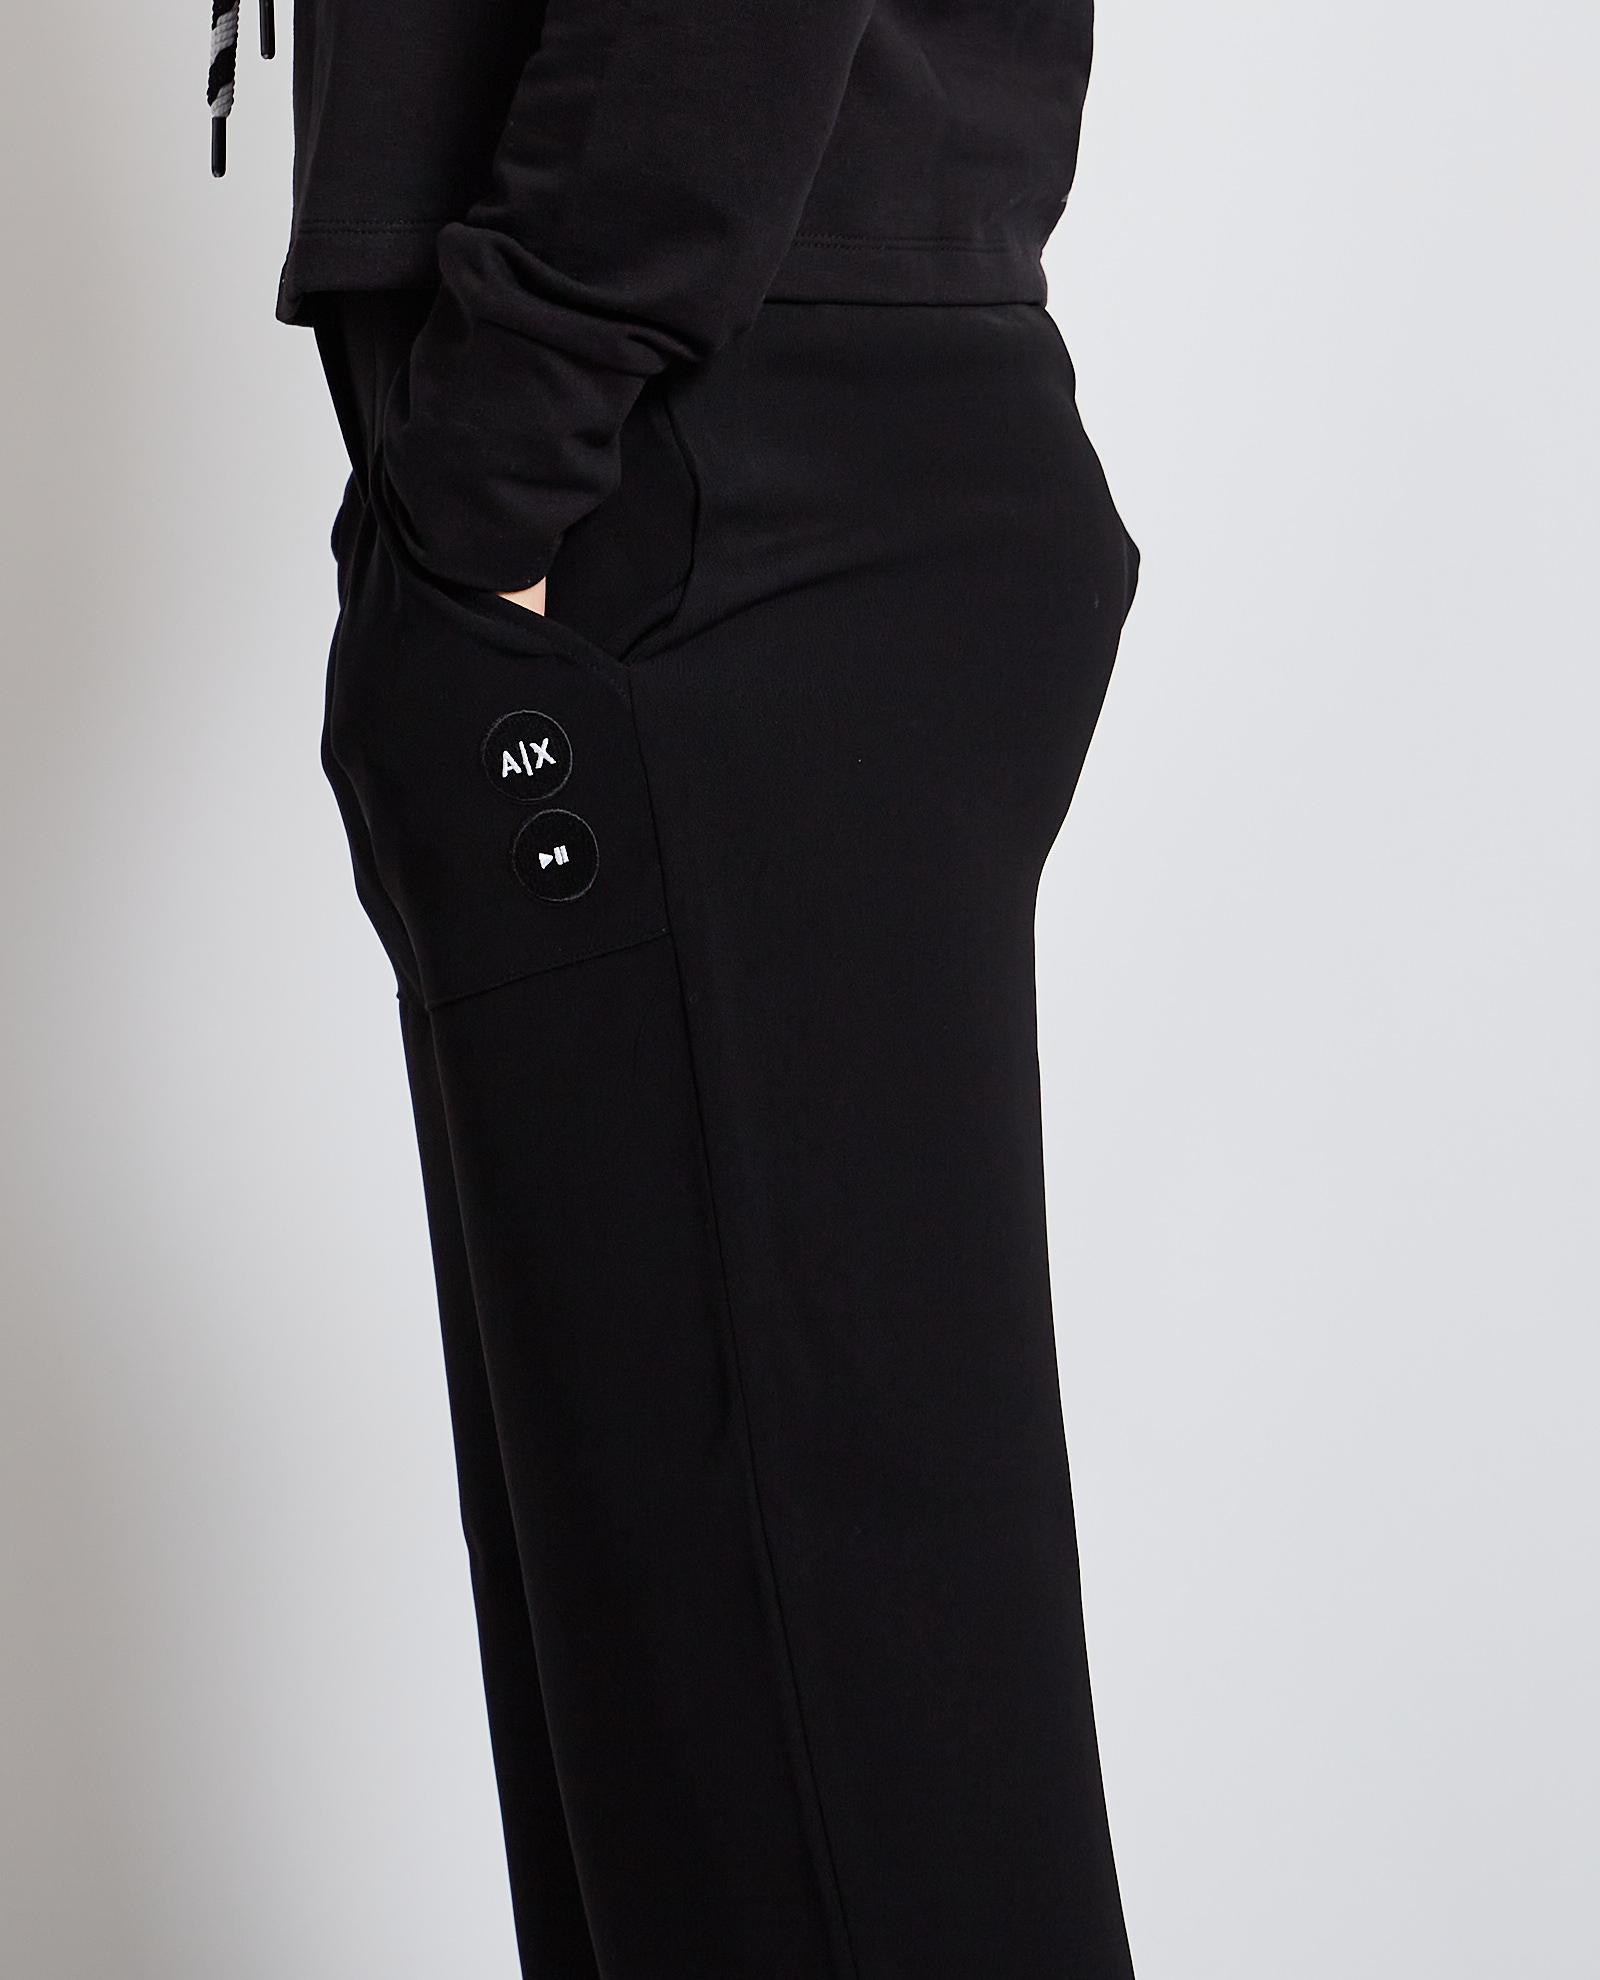 Pantolone Armani Exchange ARMANI EXCHANGE   Pantalone   6KYP05-YNVPZ1200